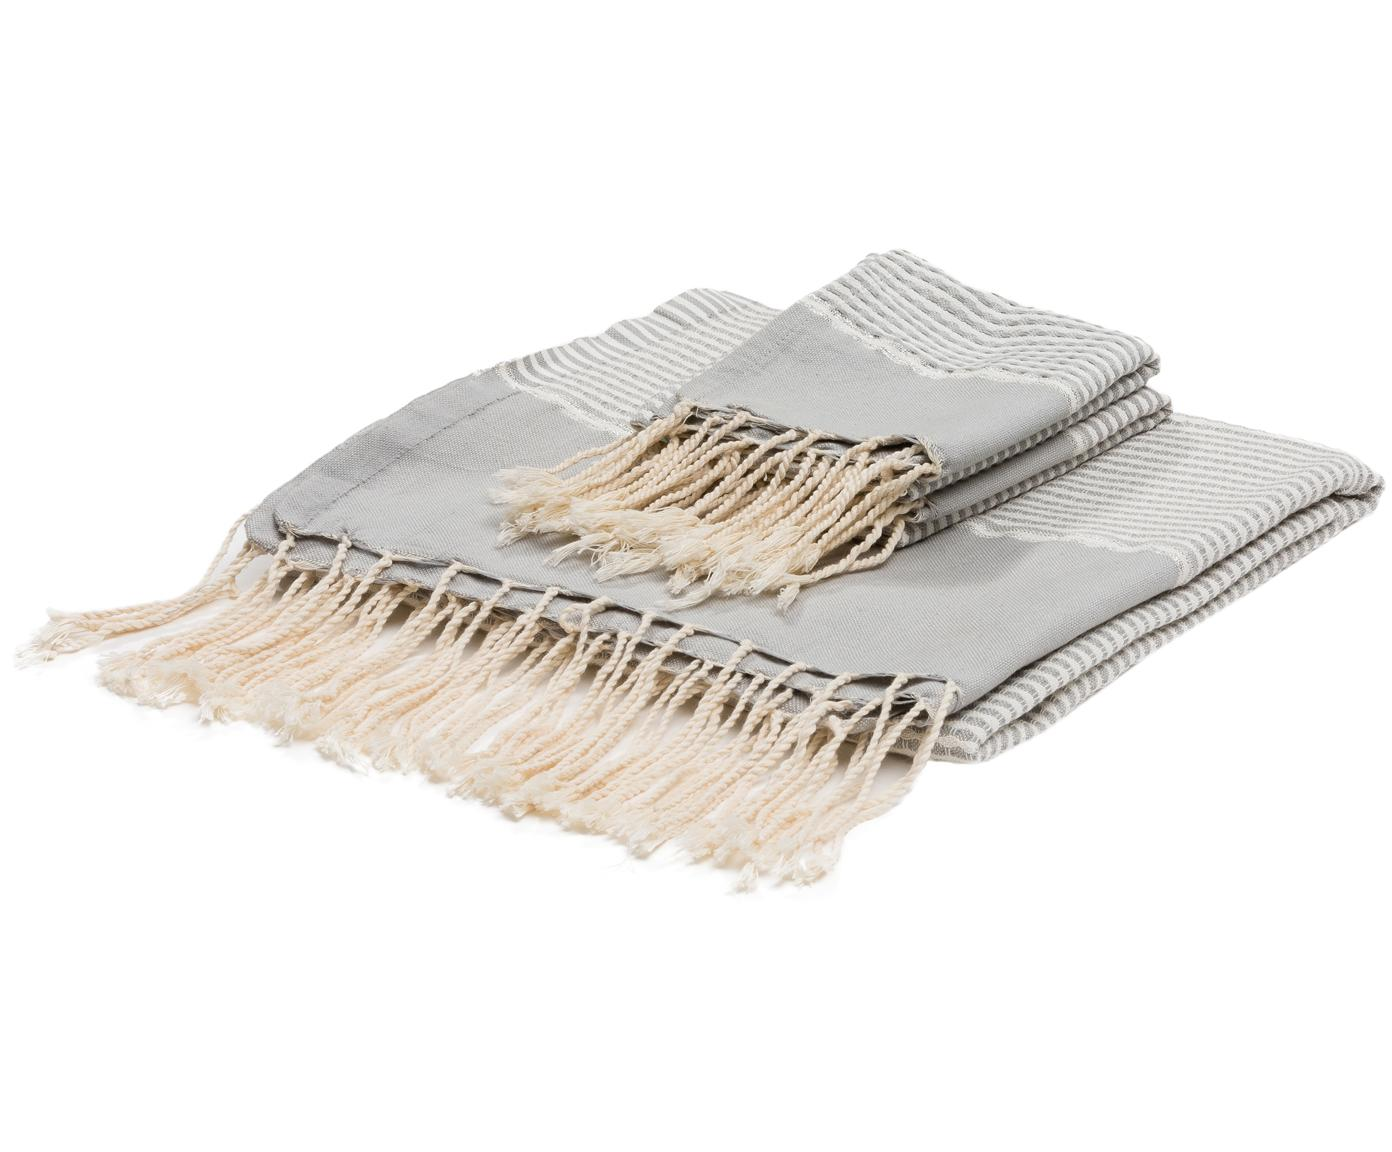 Komplet ręczników Copenhague z wykończeniem z lurexu, 3 elem., Szary perłowy, odcienie srebrnego, biały, Różne rozmiary